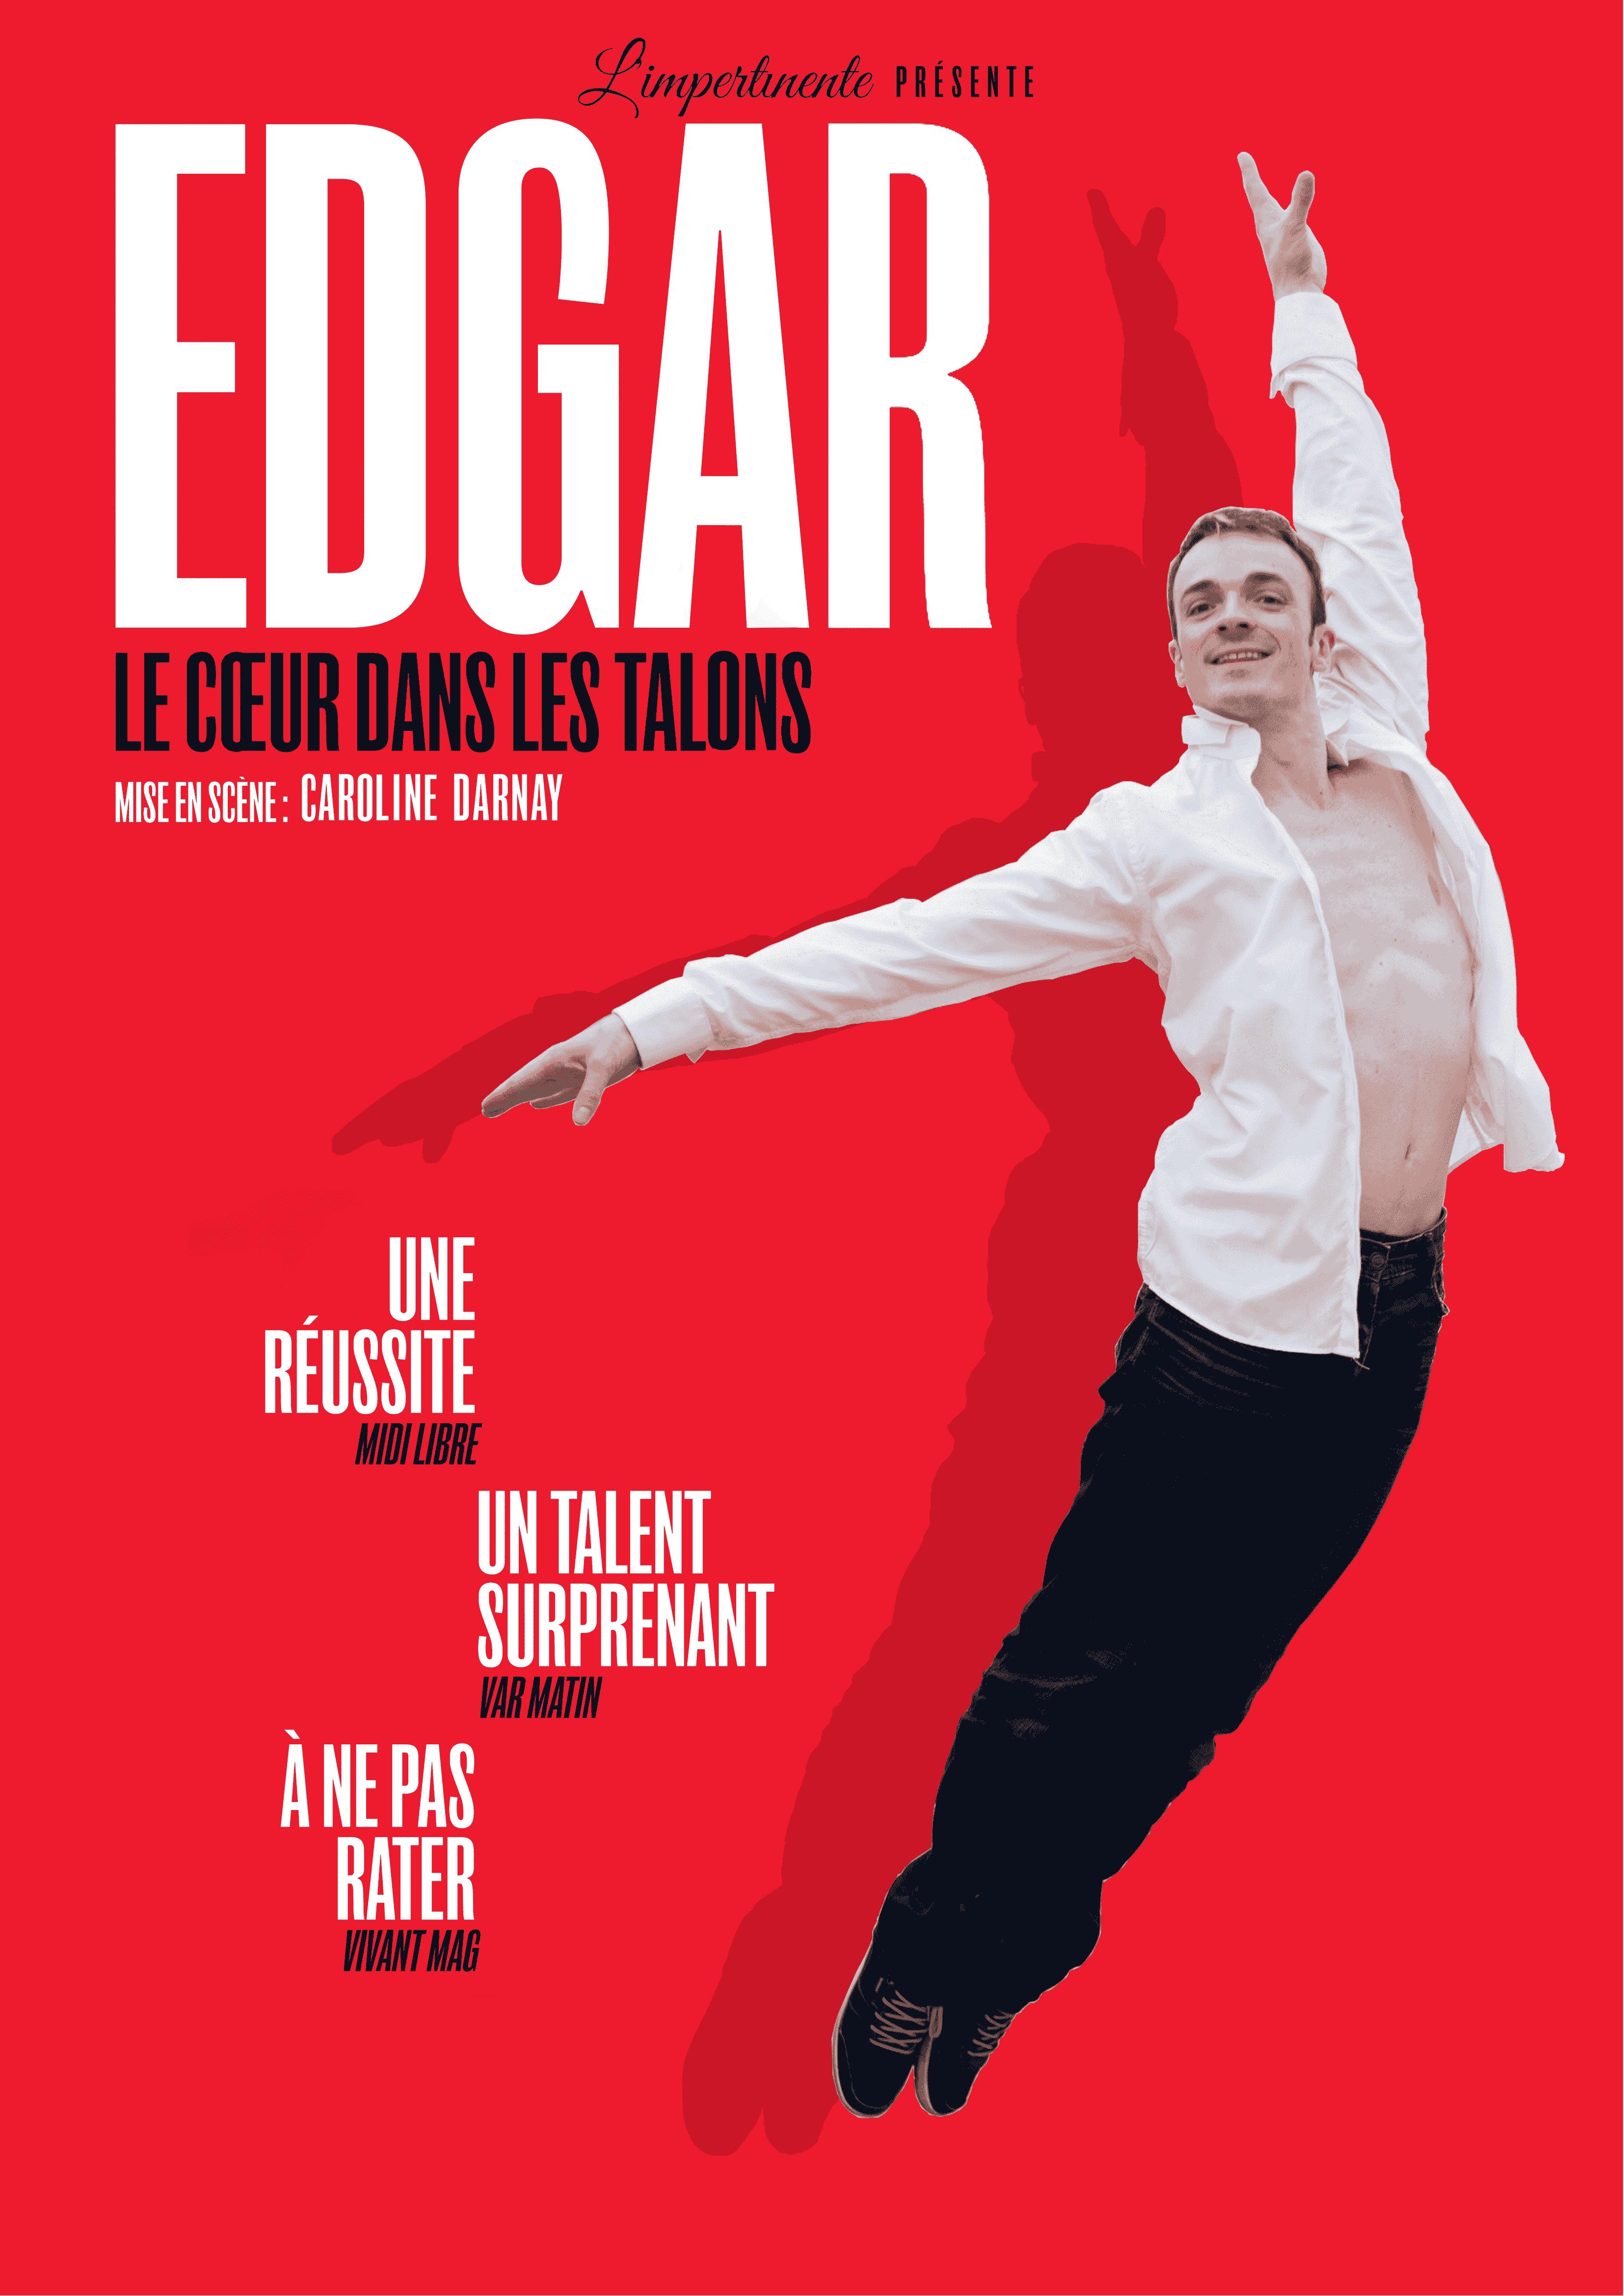 Edgar - Théâtre - Marseille - Spectacle - onmanshow - 13006